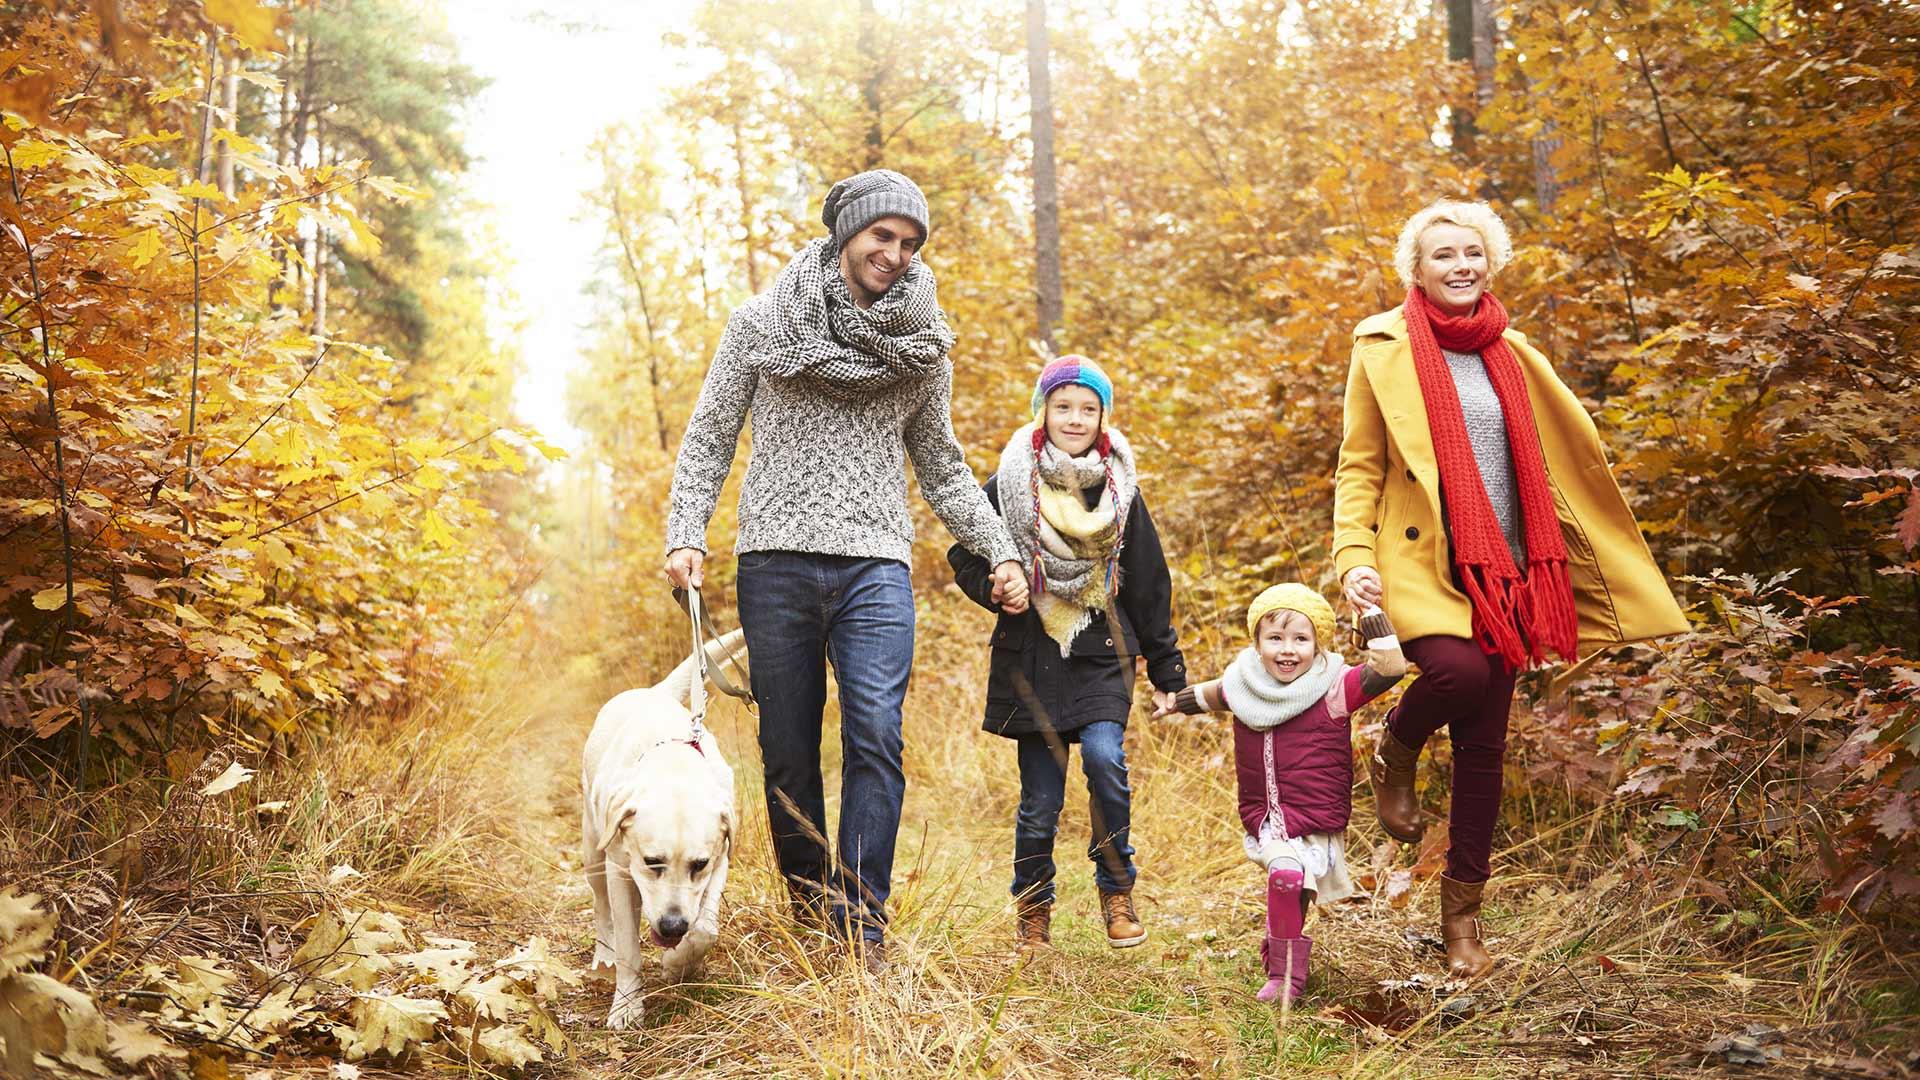 Wanderung im Herbst mit dem Hund